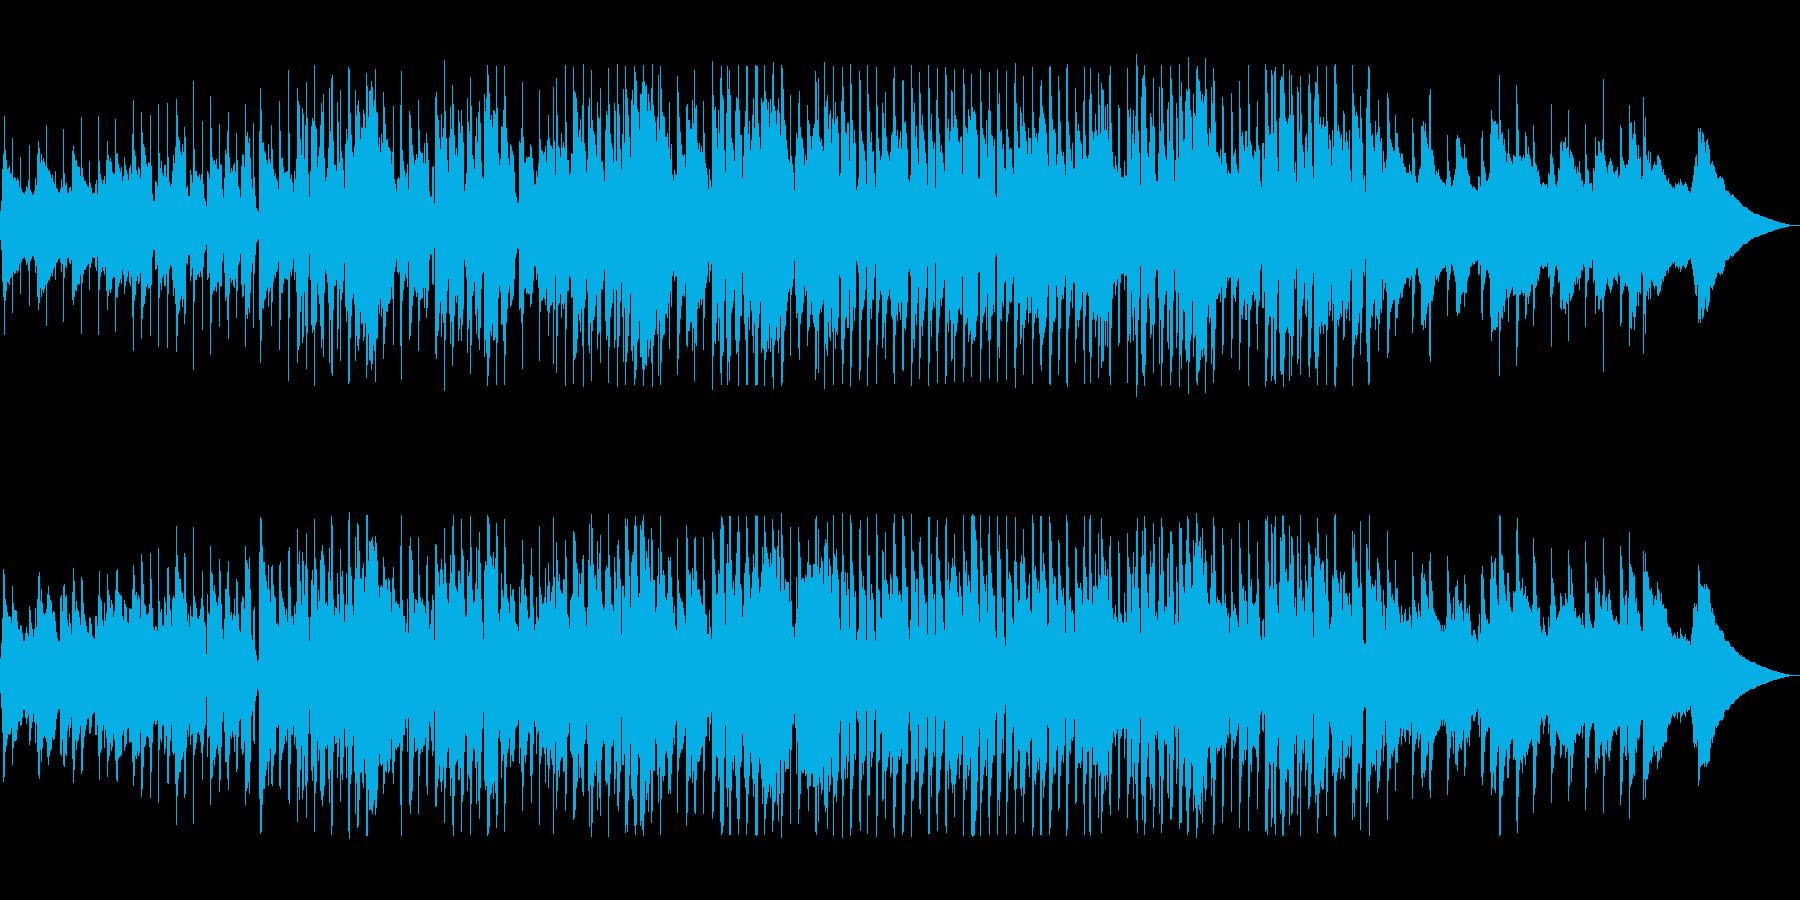 口笛とウクレレのアコースティックポップの再生済みの波形